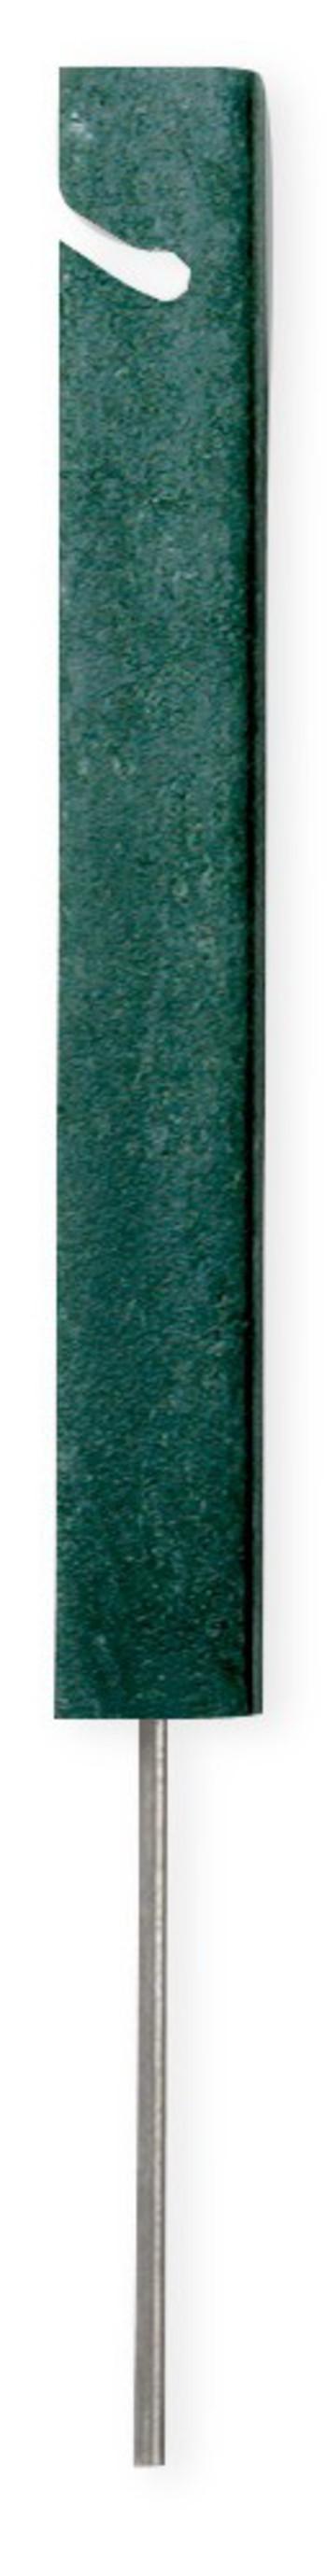 Seilpfosten rechteckig 30 cm, Recycling Kunststoff, grün